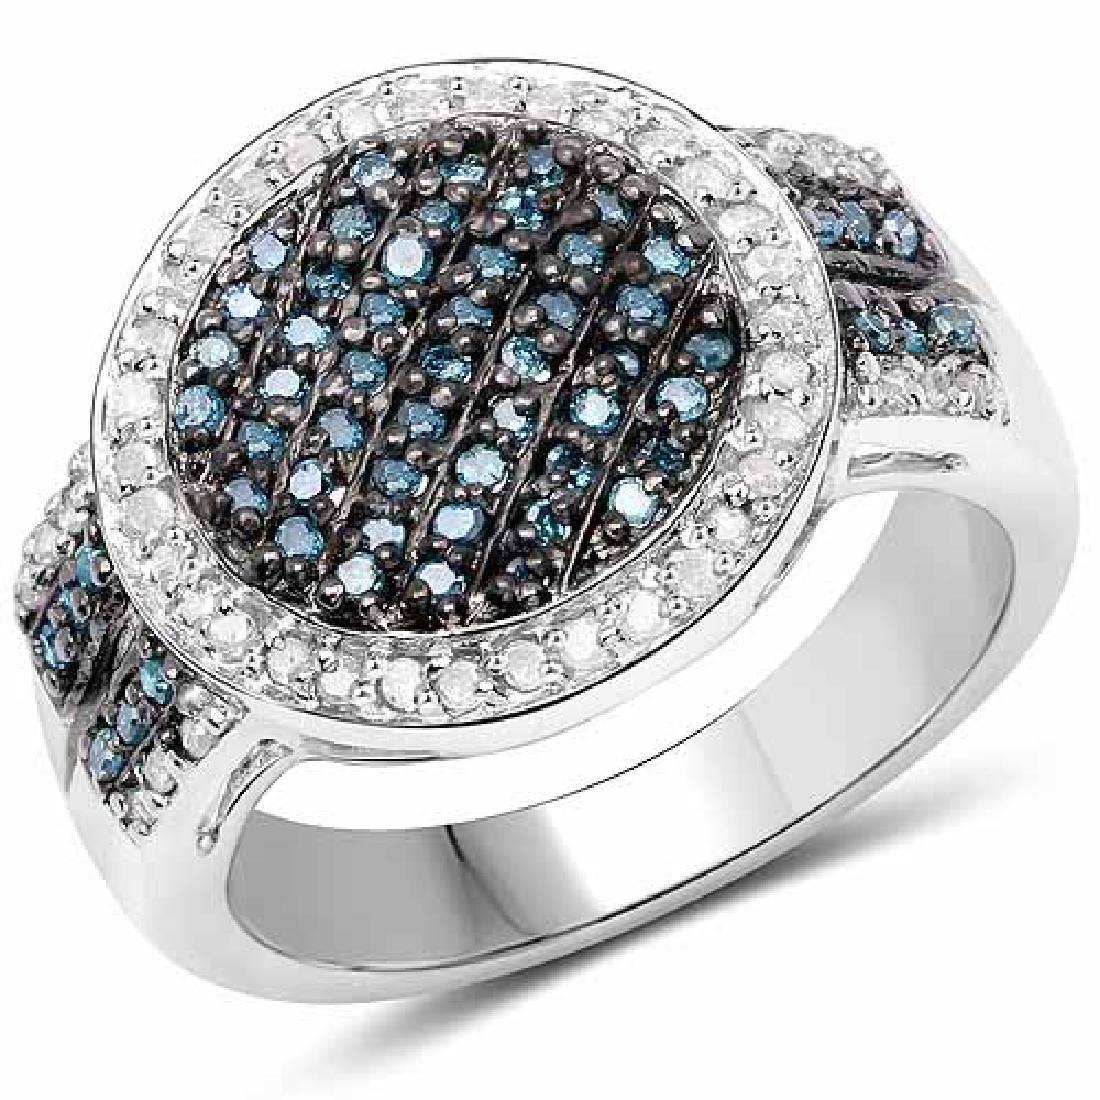 0.44 Carat Genuine Blue Diamond and White Diamond .925